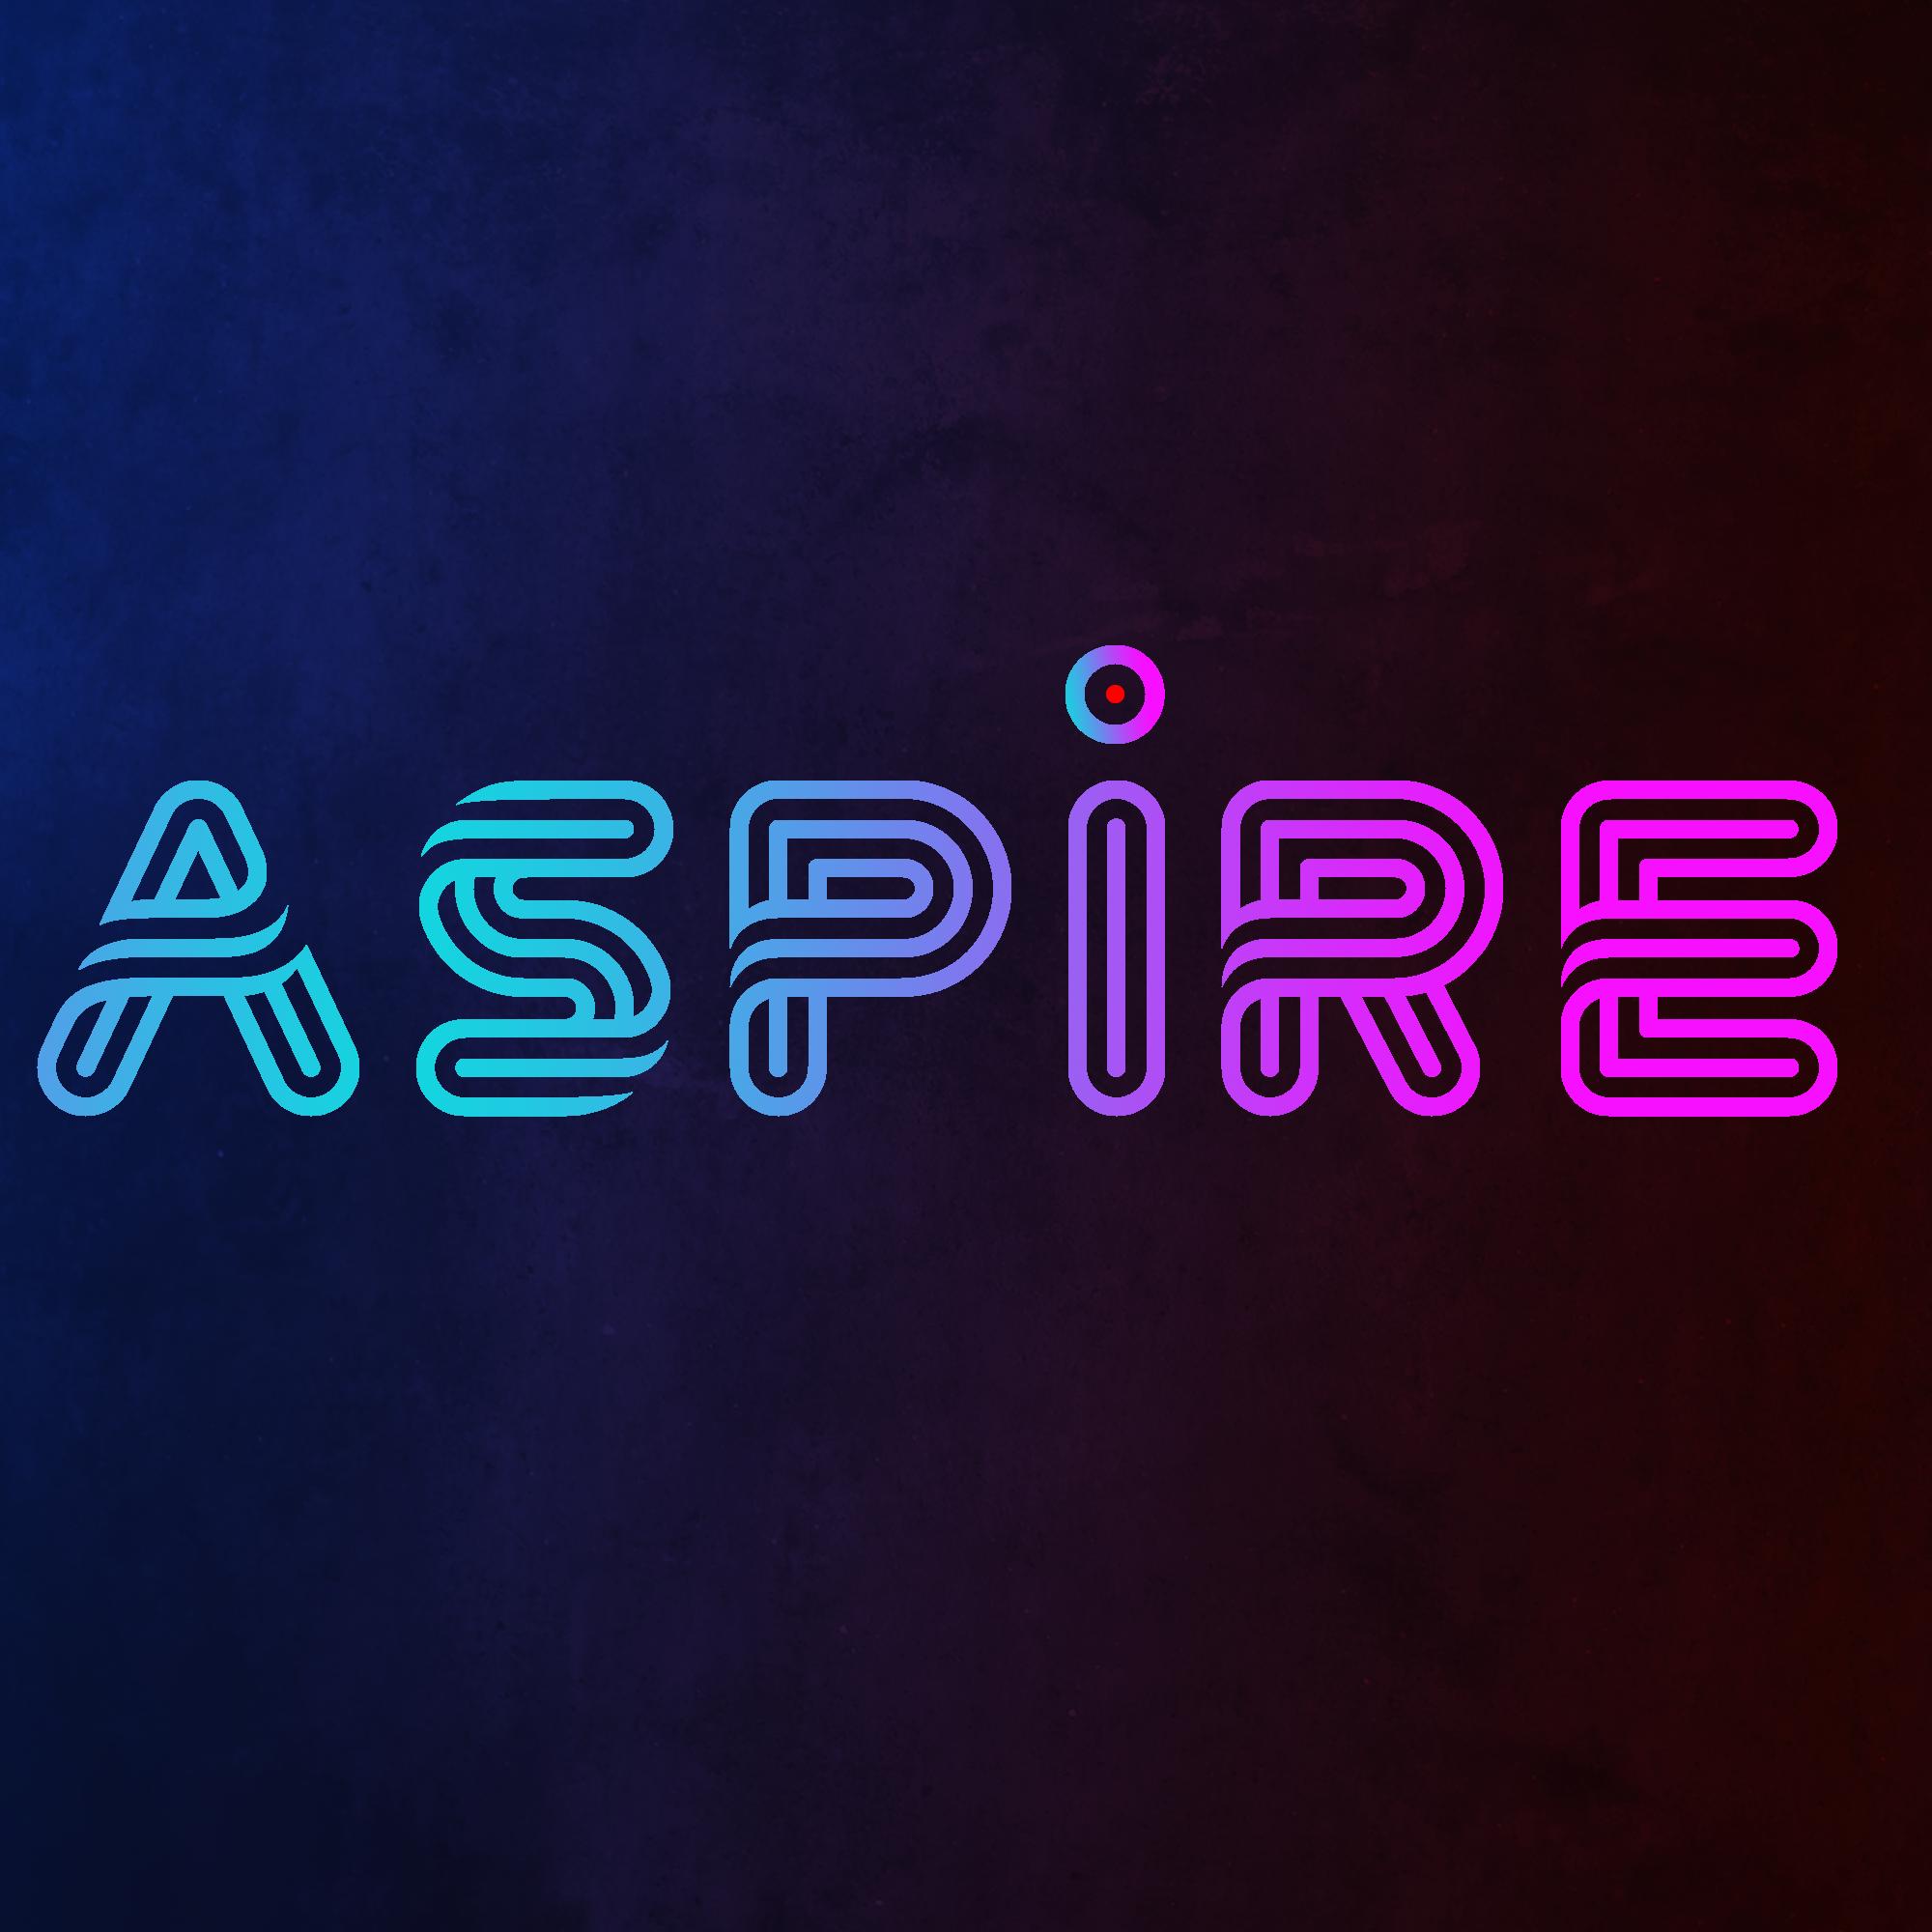 Aspire__7 profile picture